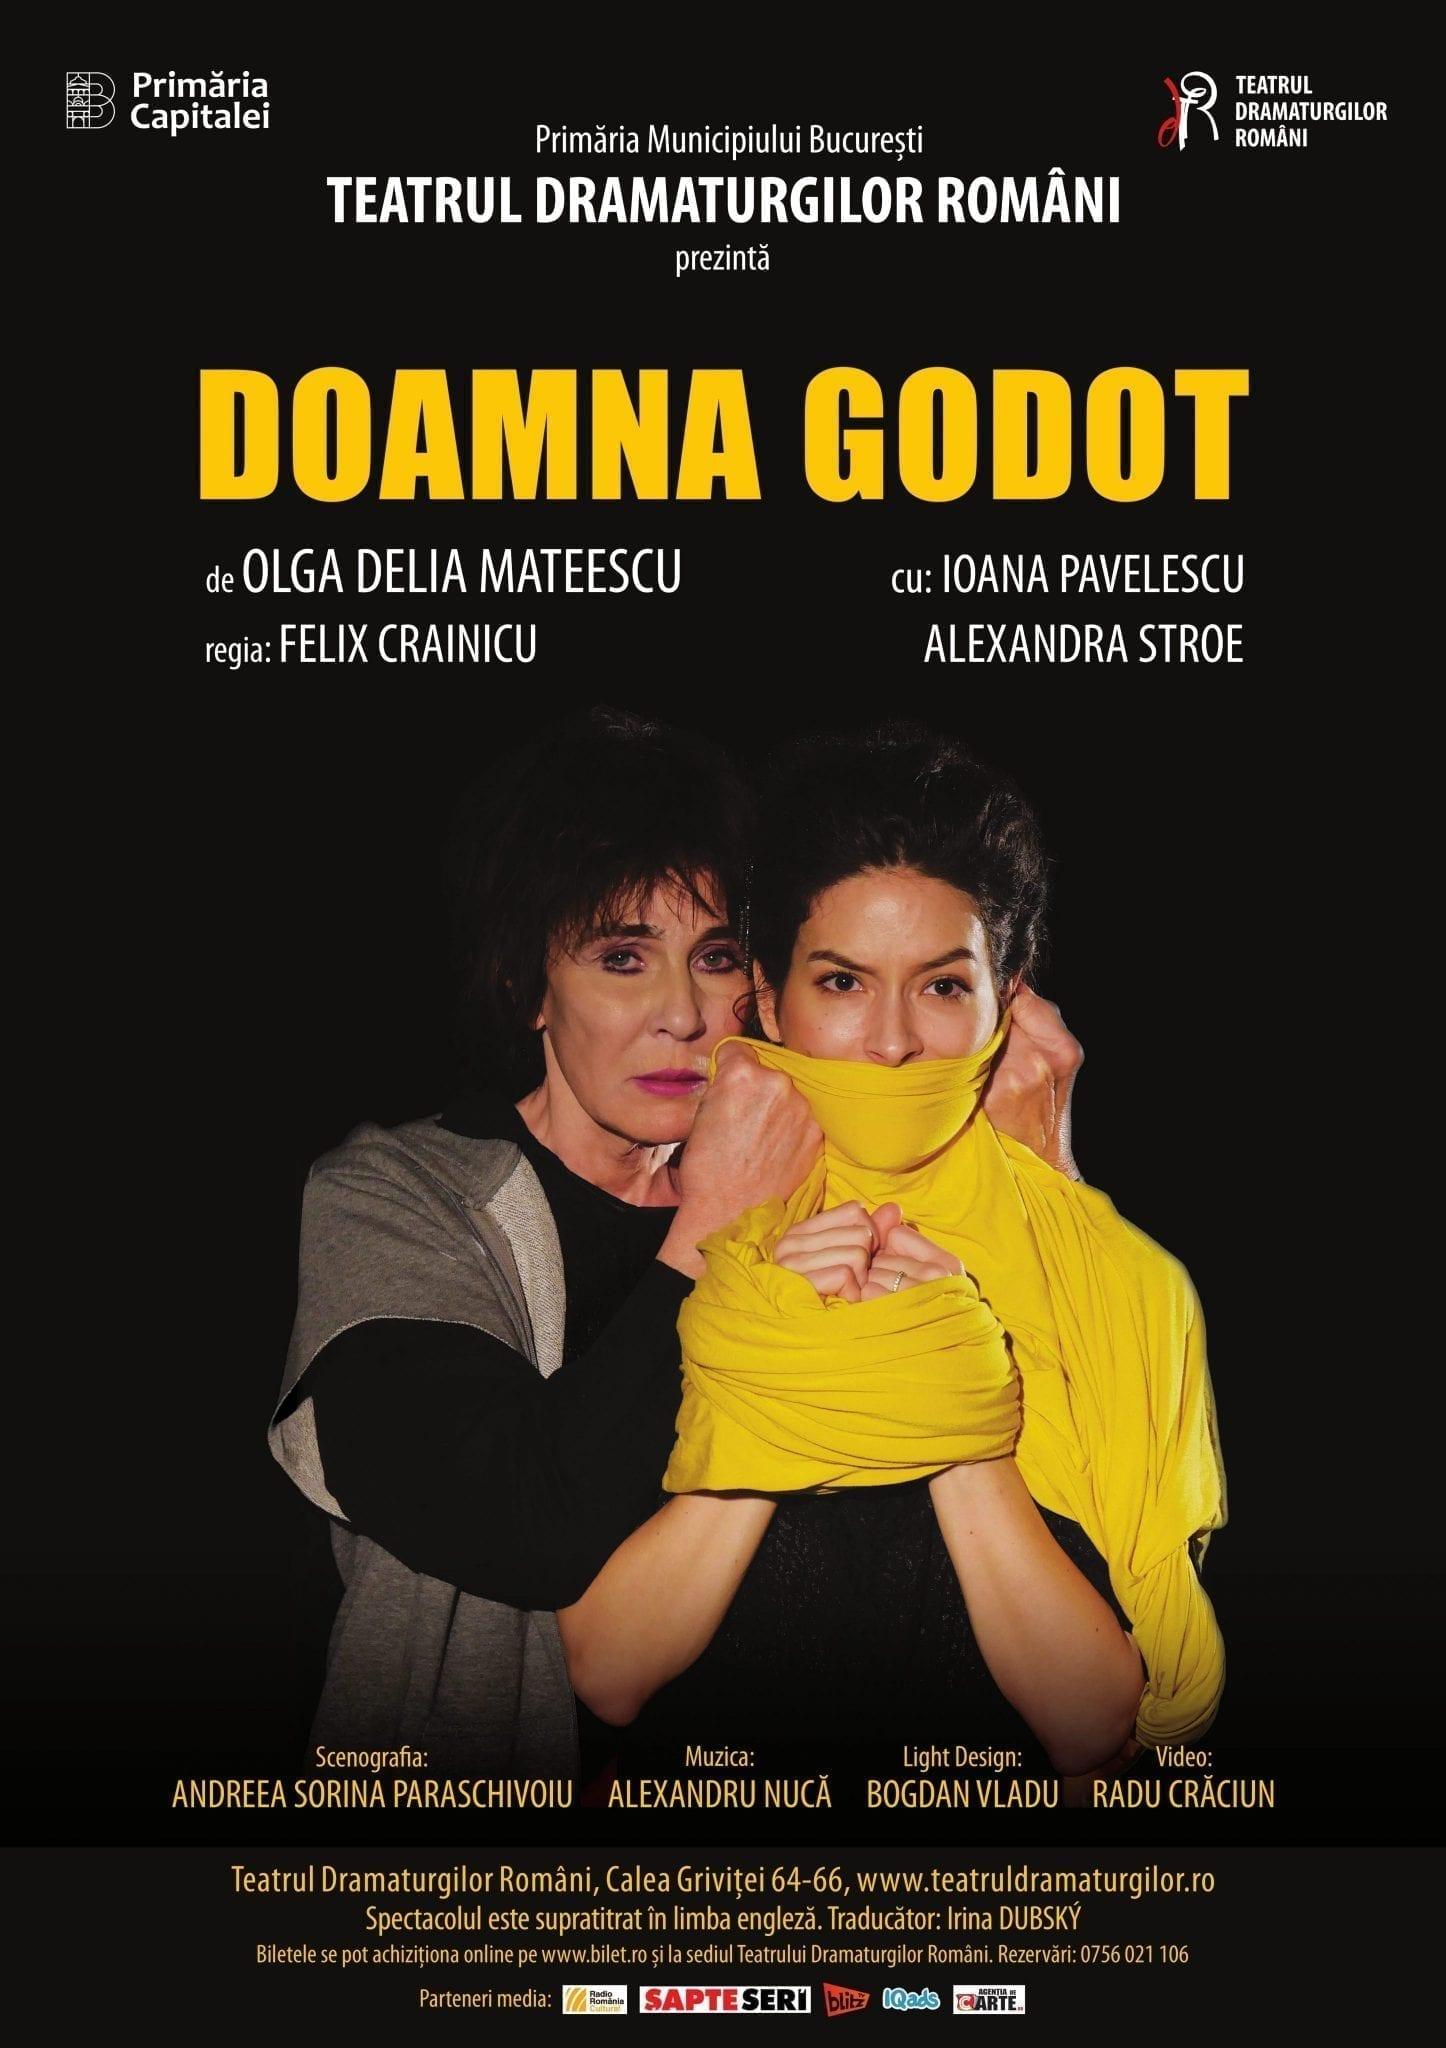 Teatrul Dramaturgilor Români prezintă DOAMNA GODOT